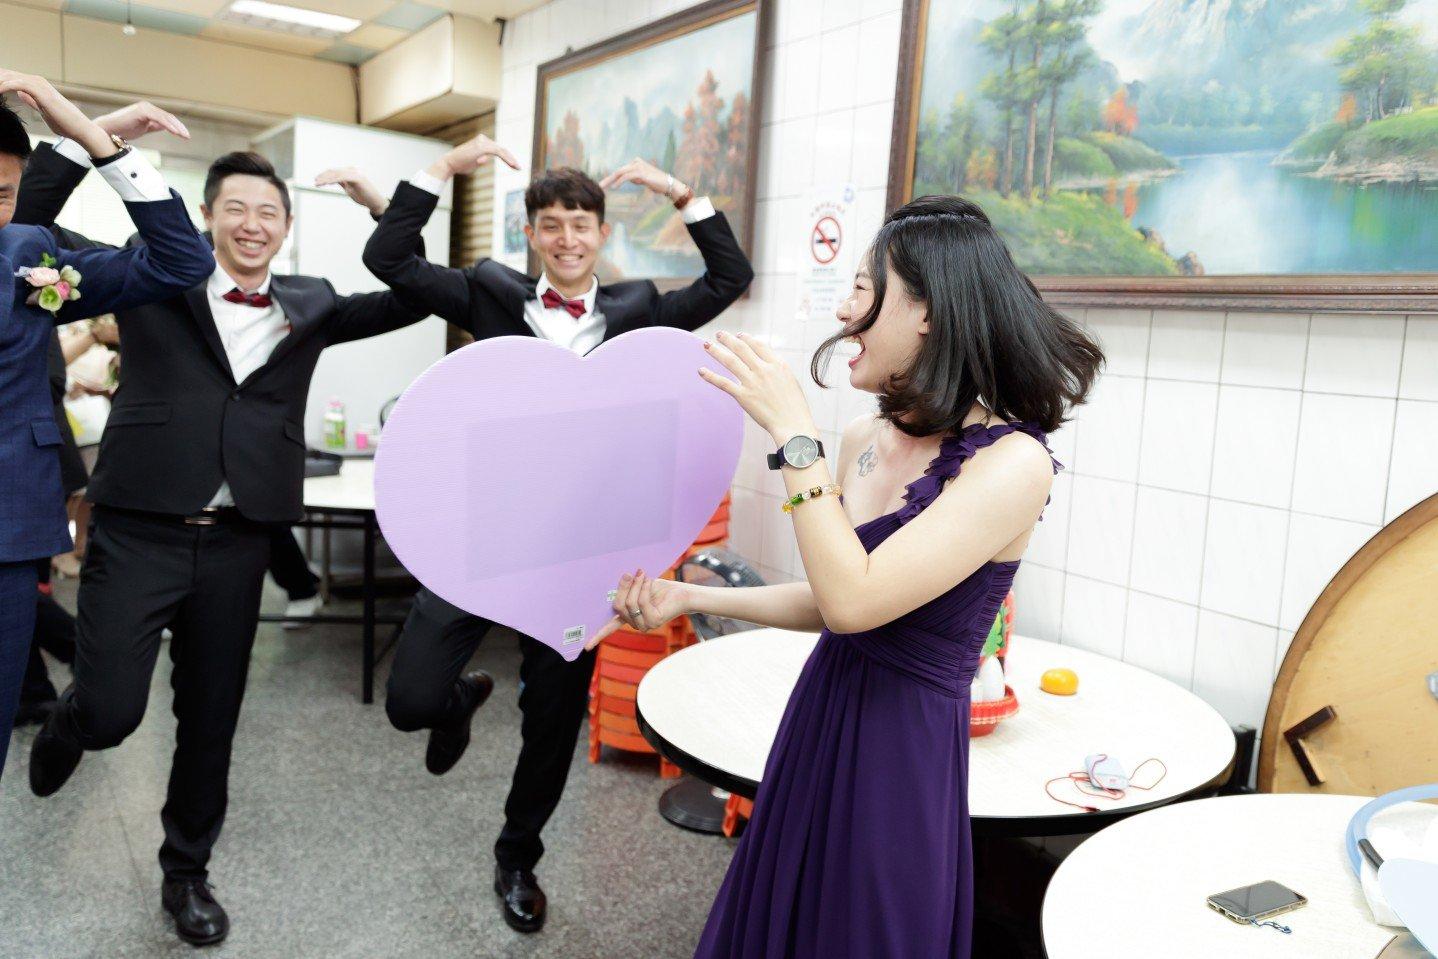 婚攝|暉雄&欣怡@高雄老新台菜 - 老新台菜婚禮攝影